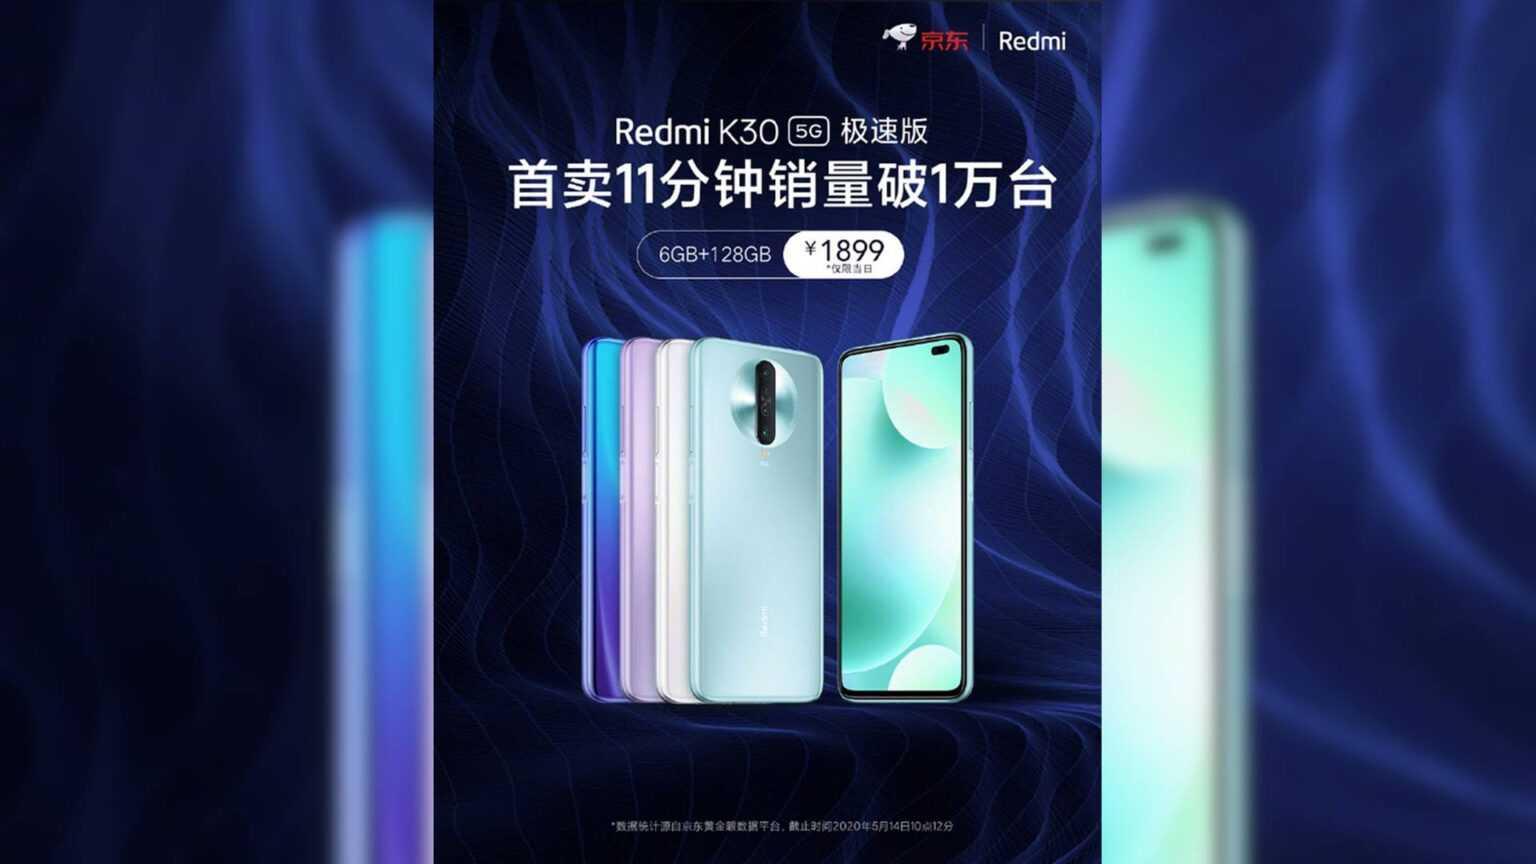 В социальной сети Weibo уже многократно сообщалось о том что компания Xiaomi планирует представить шестой флагман линейки Речь идет о смартфоне серии Redmi K30 Более